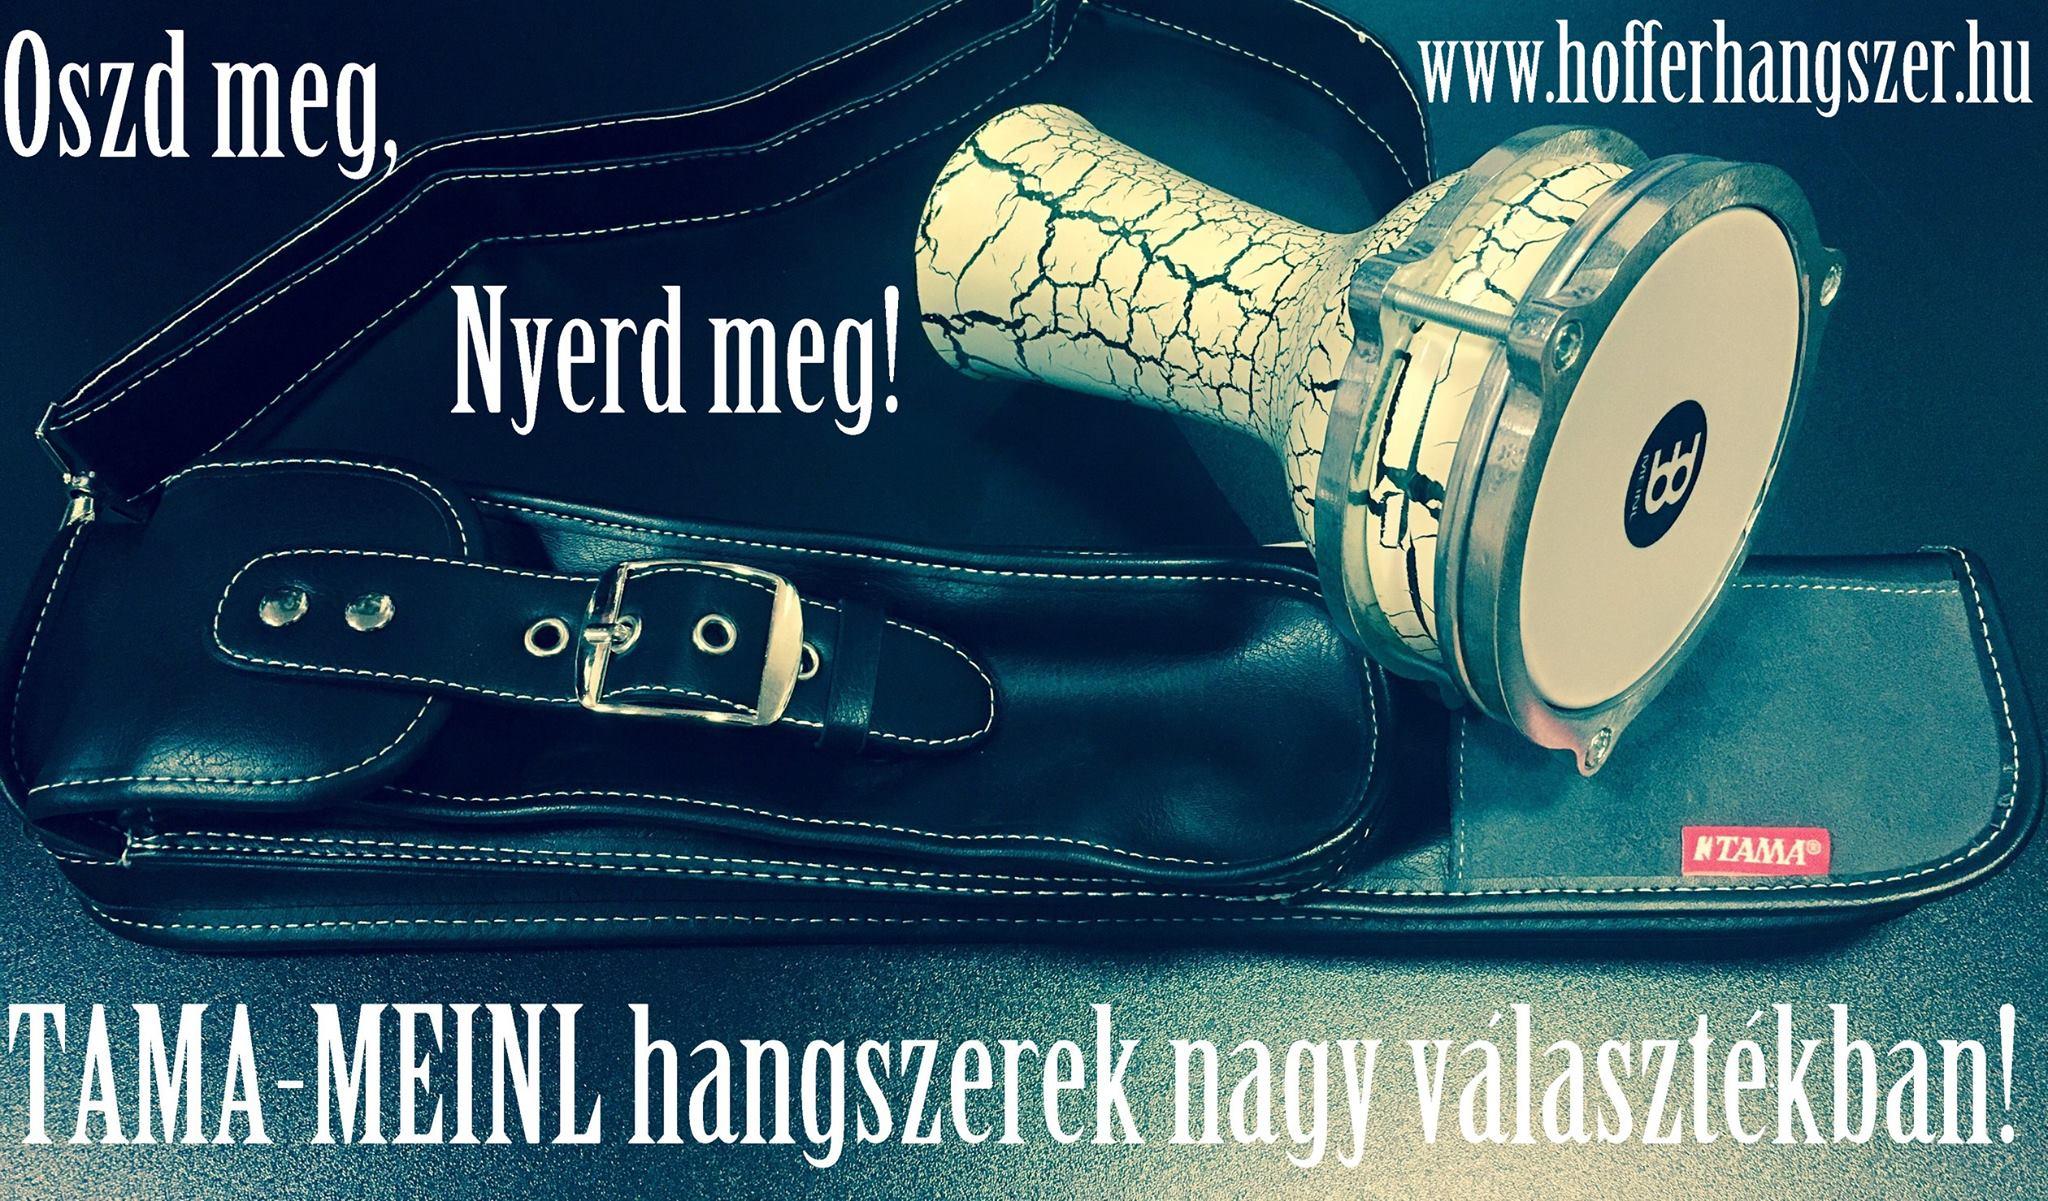 https://www.facebook.com/hofferhangszer/photos/pb.112167908839434.-2207520000.1483545432./1305509916171888/?type=3&theater